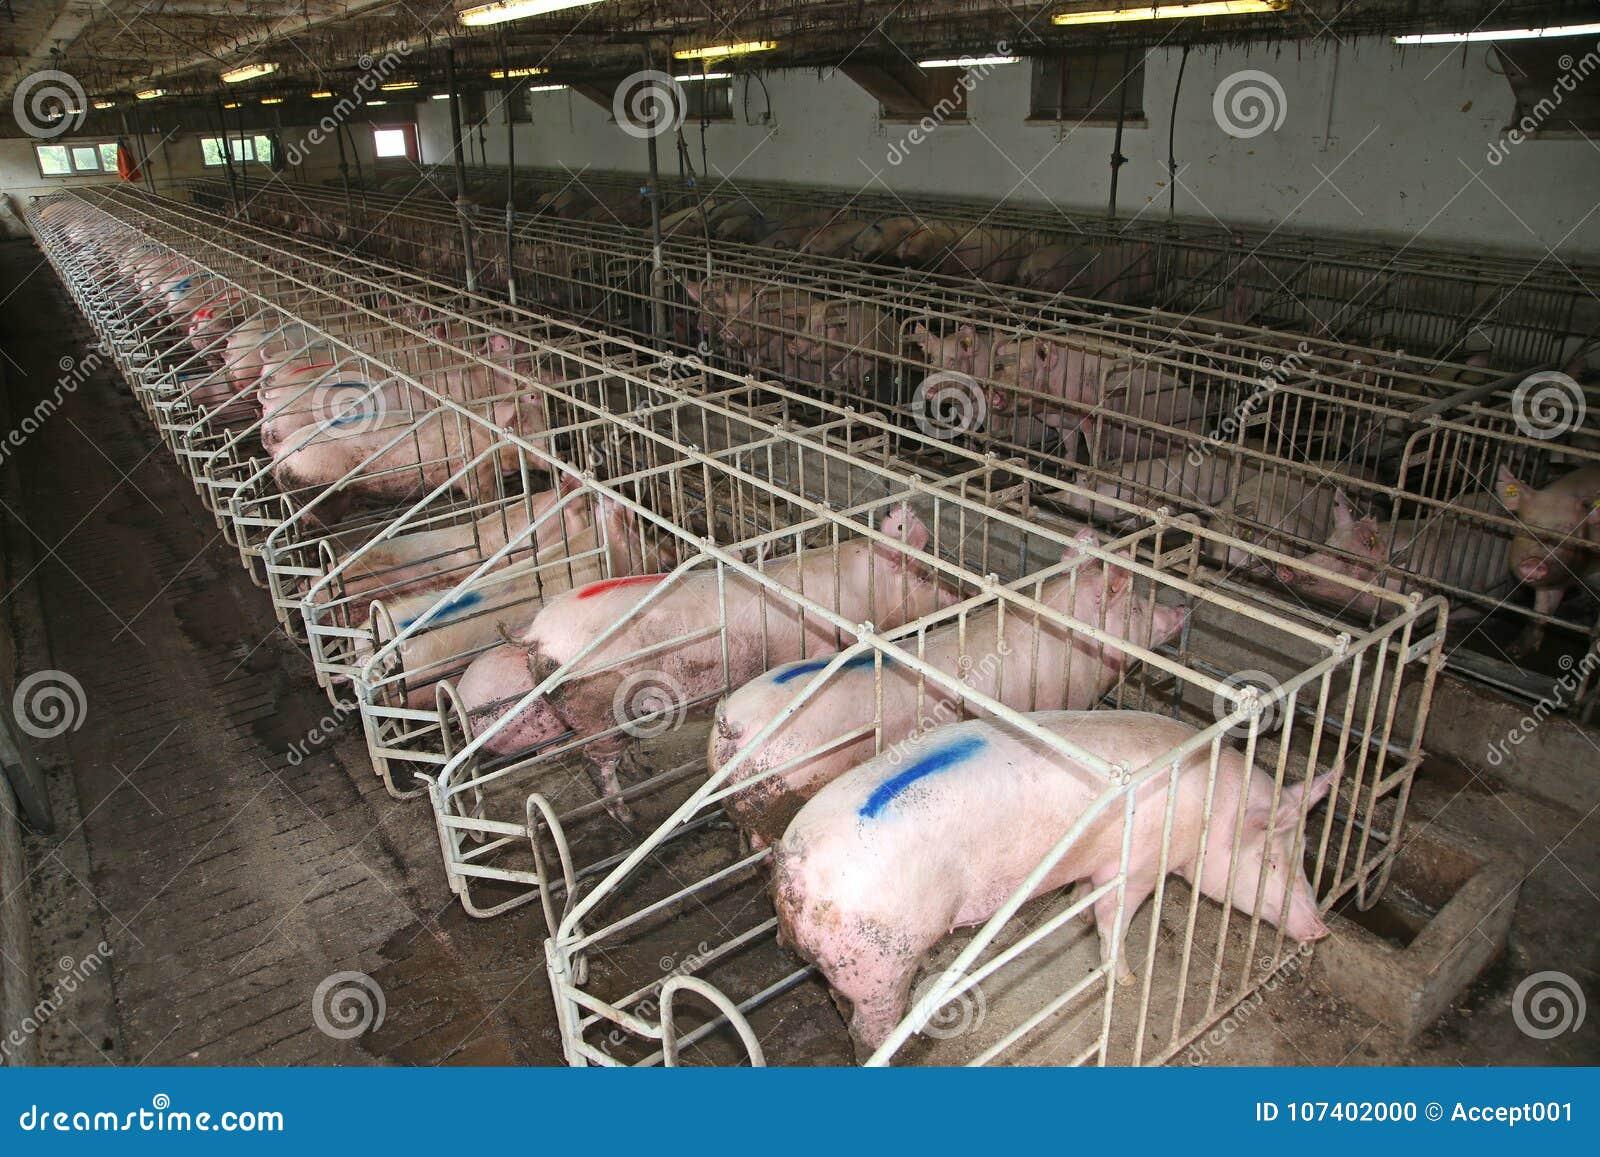 猪母猪在金属笼子放置在一个工业动物农场